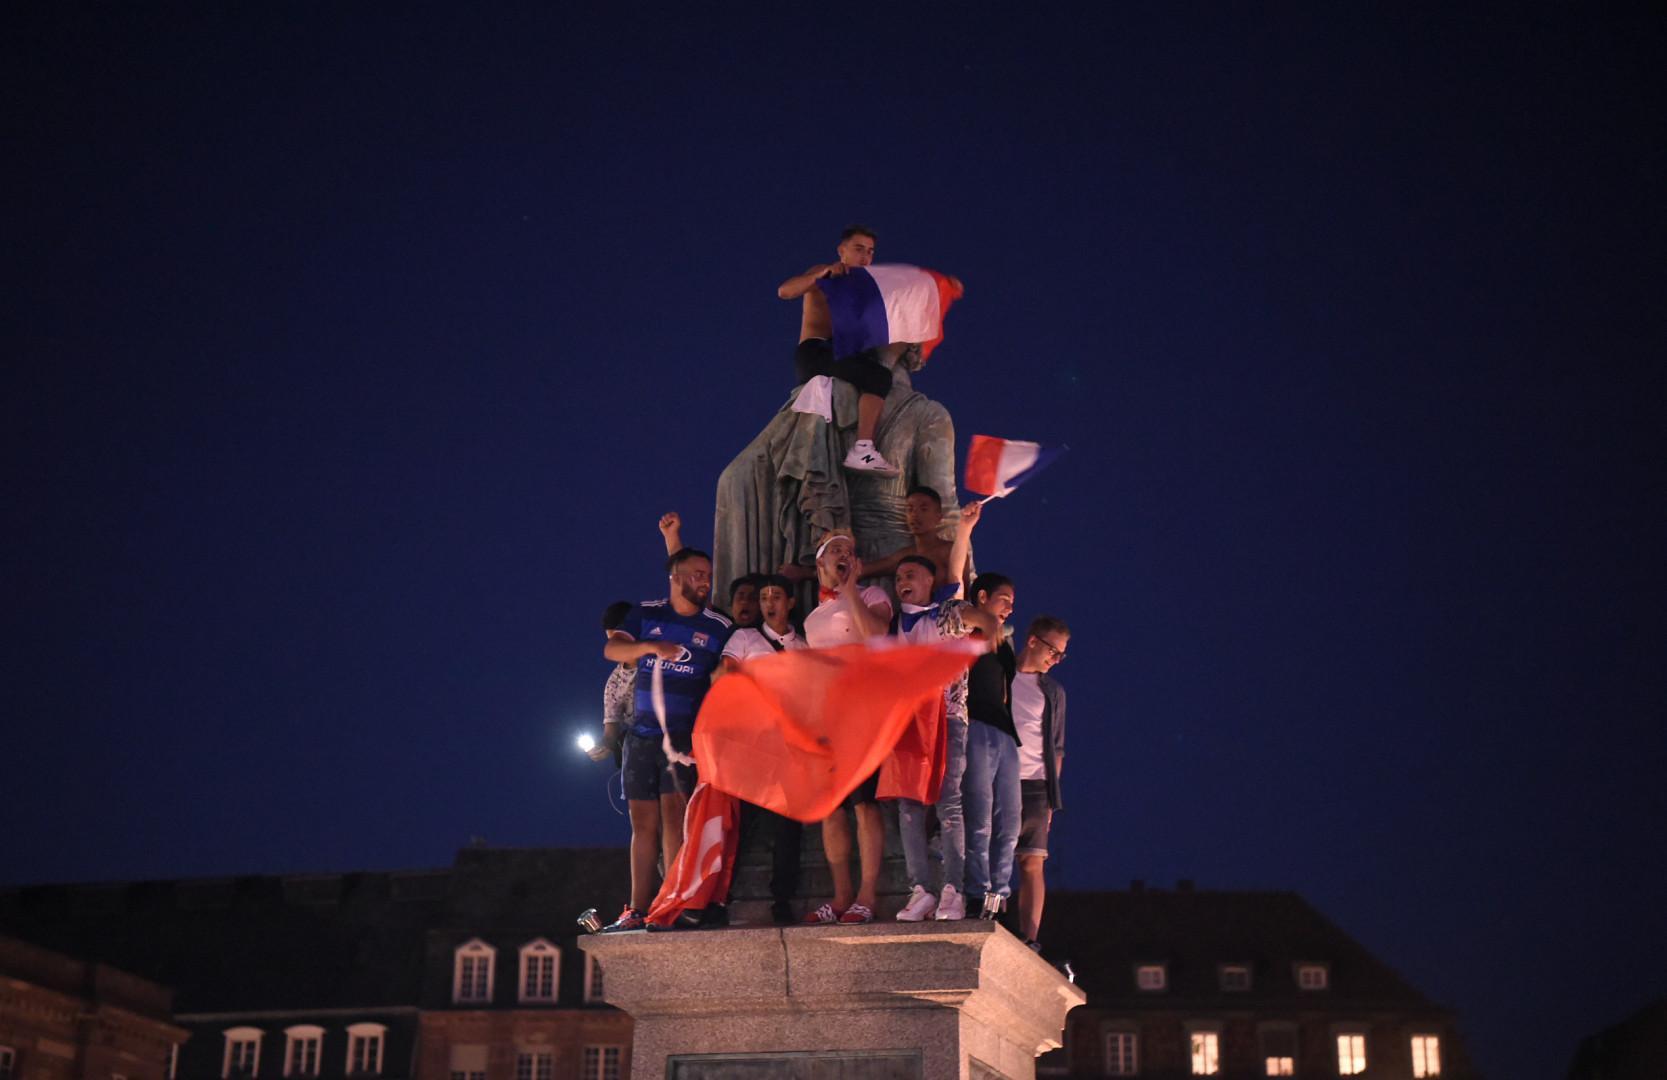 À Strasbourg, les supporters se sont hissés drapeau en main le plus haut qu'ils ont pu en montant ici sur une statue.